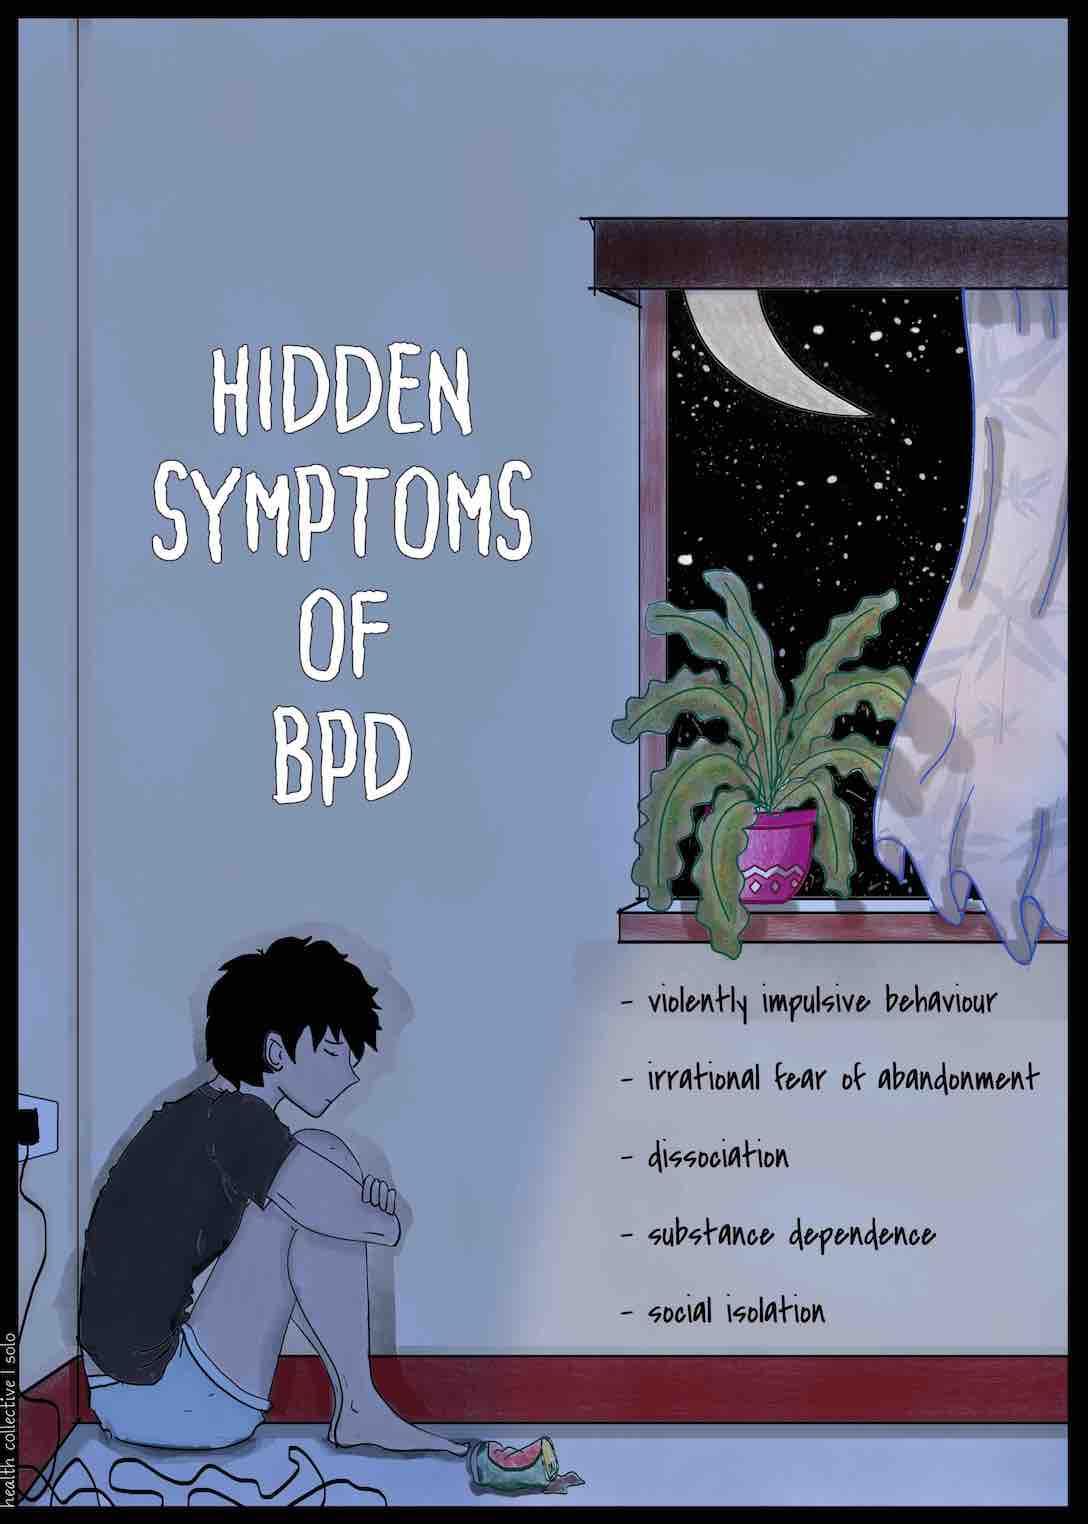 BPD Symptoms